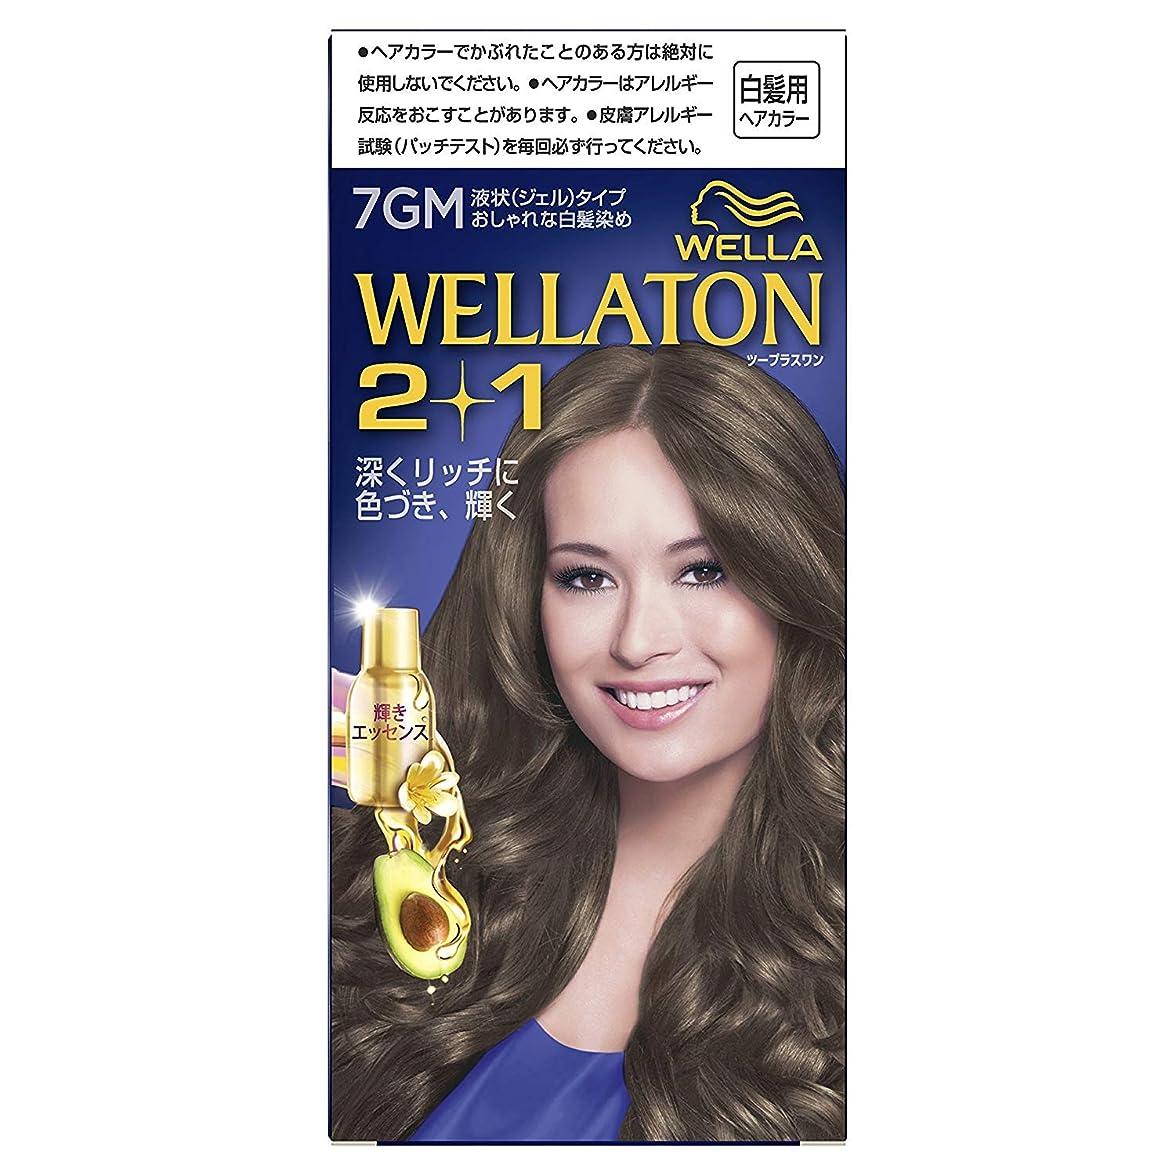 恵み城群集ウエラトーン2+1 液状タイプ 7GM [医薬部外品] ×3個